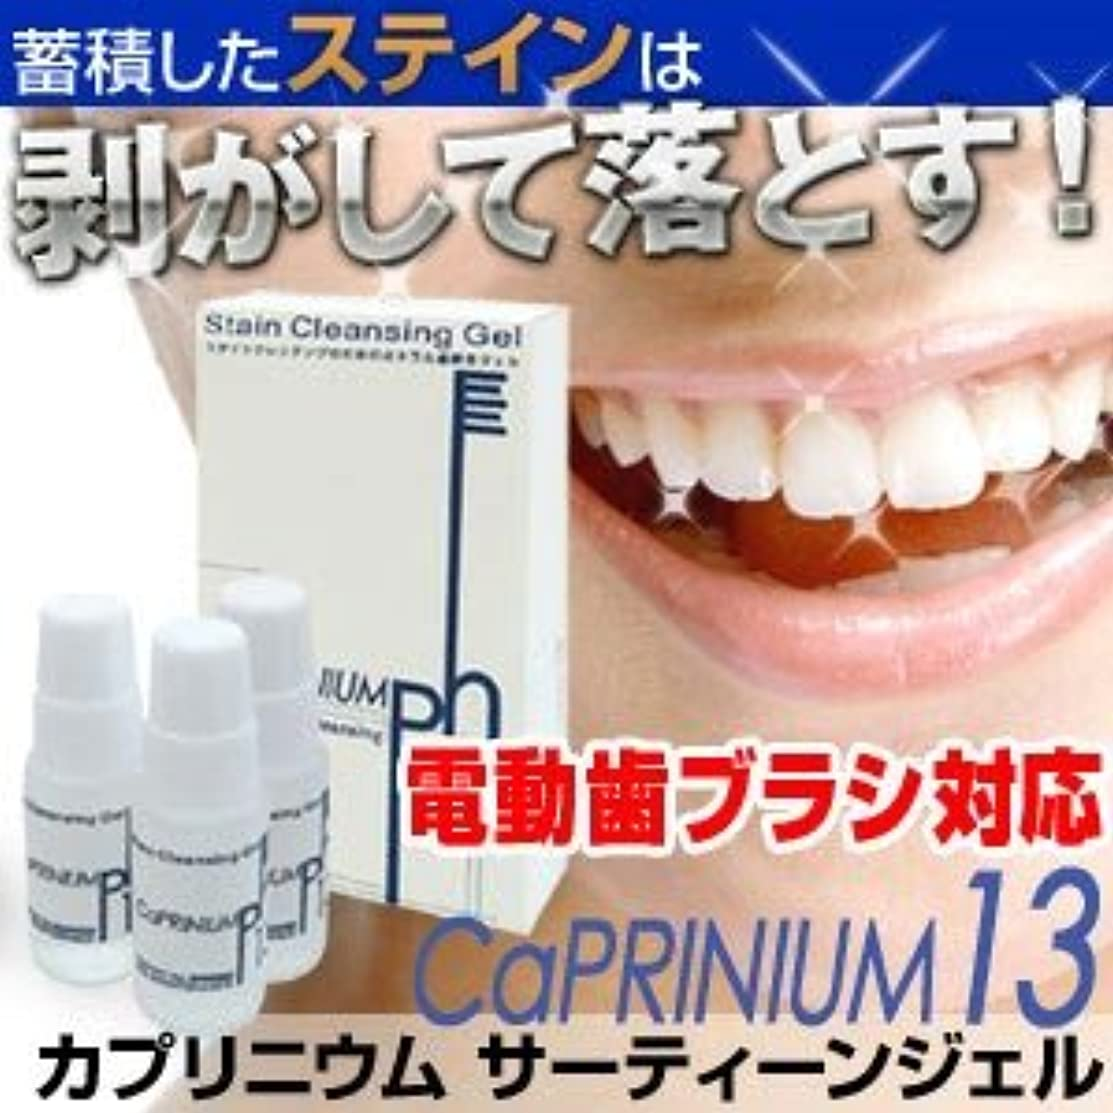 野球パンサーどういたしましてカプリニウム サーティーンジェル(CaPRINIUM 13) 新発想のホワイトニング歯磨きジェル